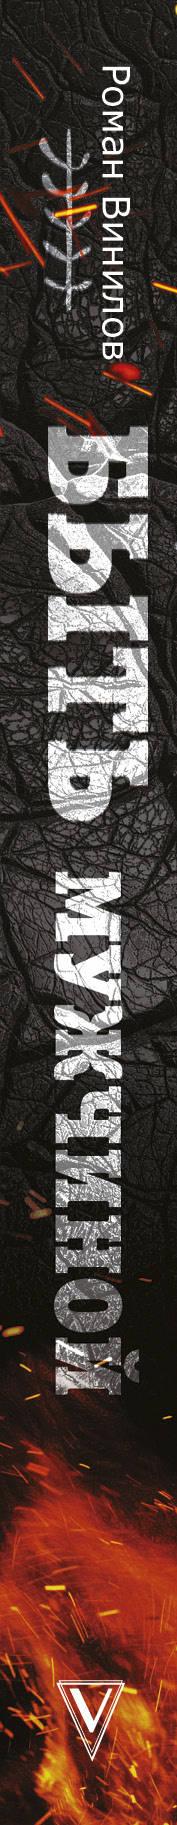 Книга #БытьМужчиной. Пошаговая инструкция достижения успеха. Роман Винилов